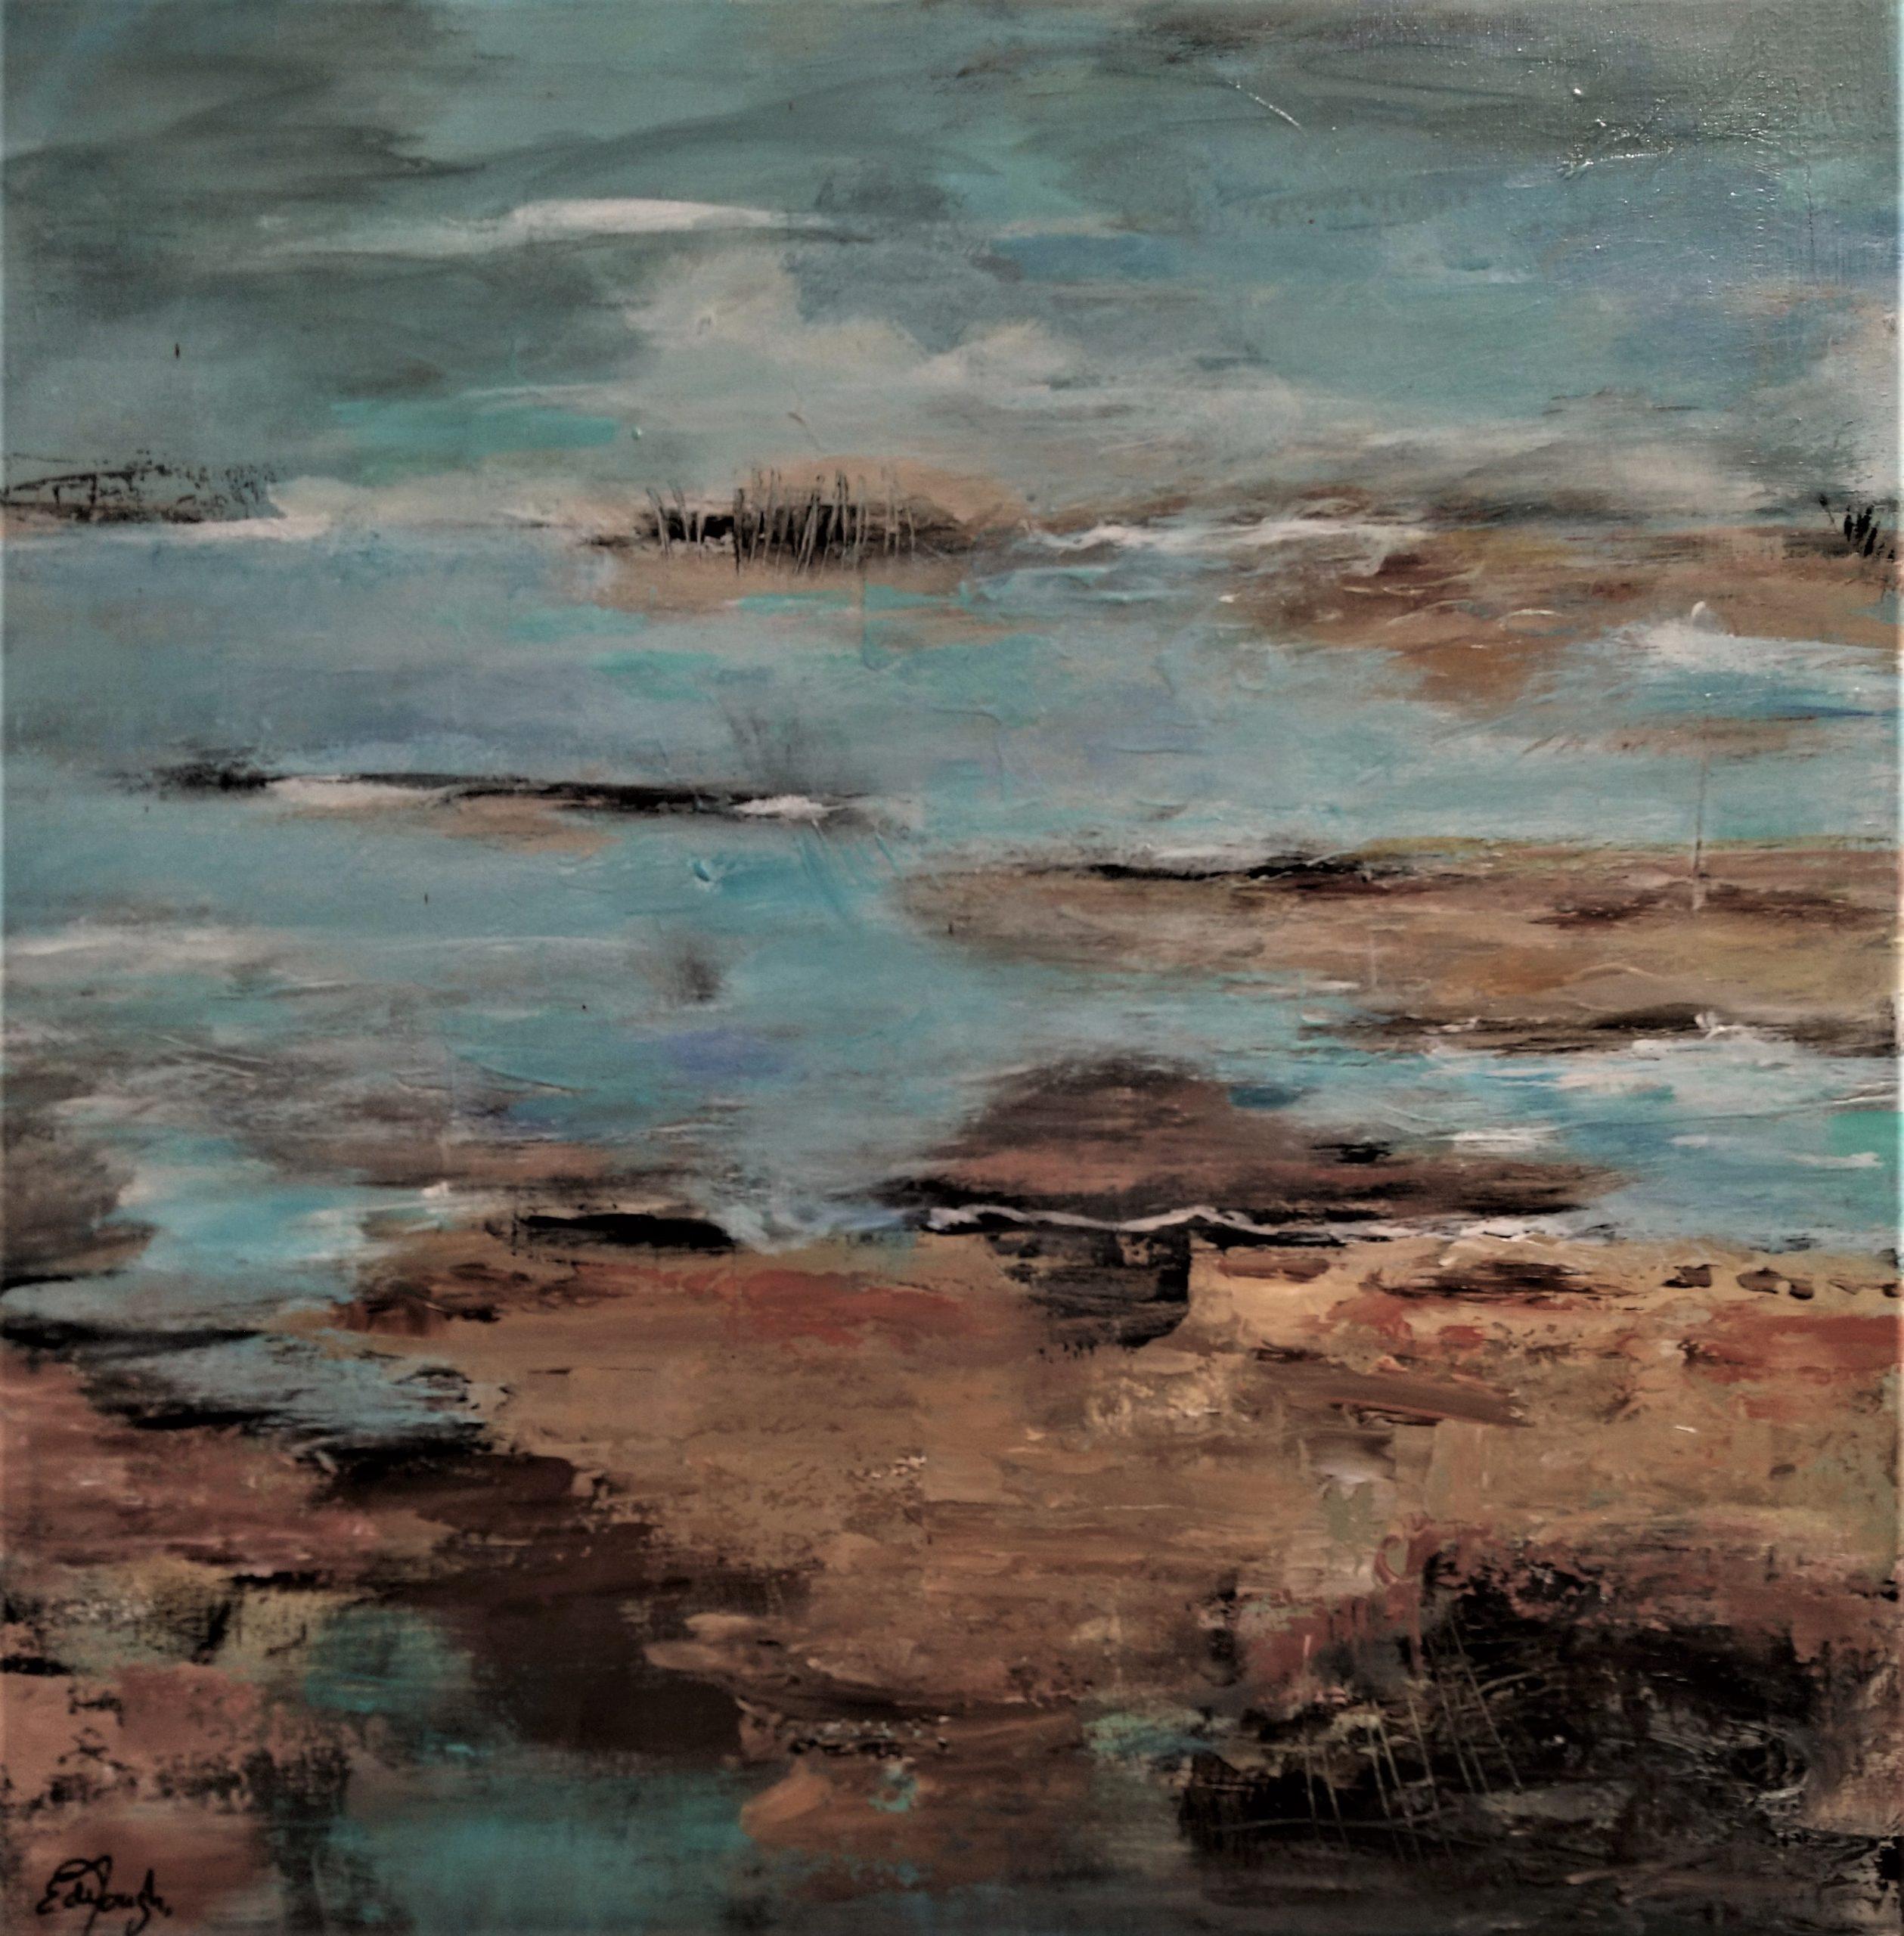 schilderij acrylverf op canvas 60 x 60 cm